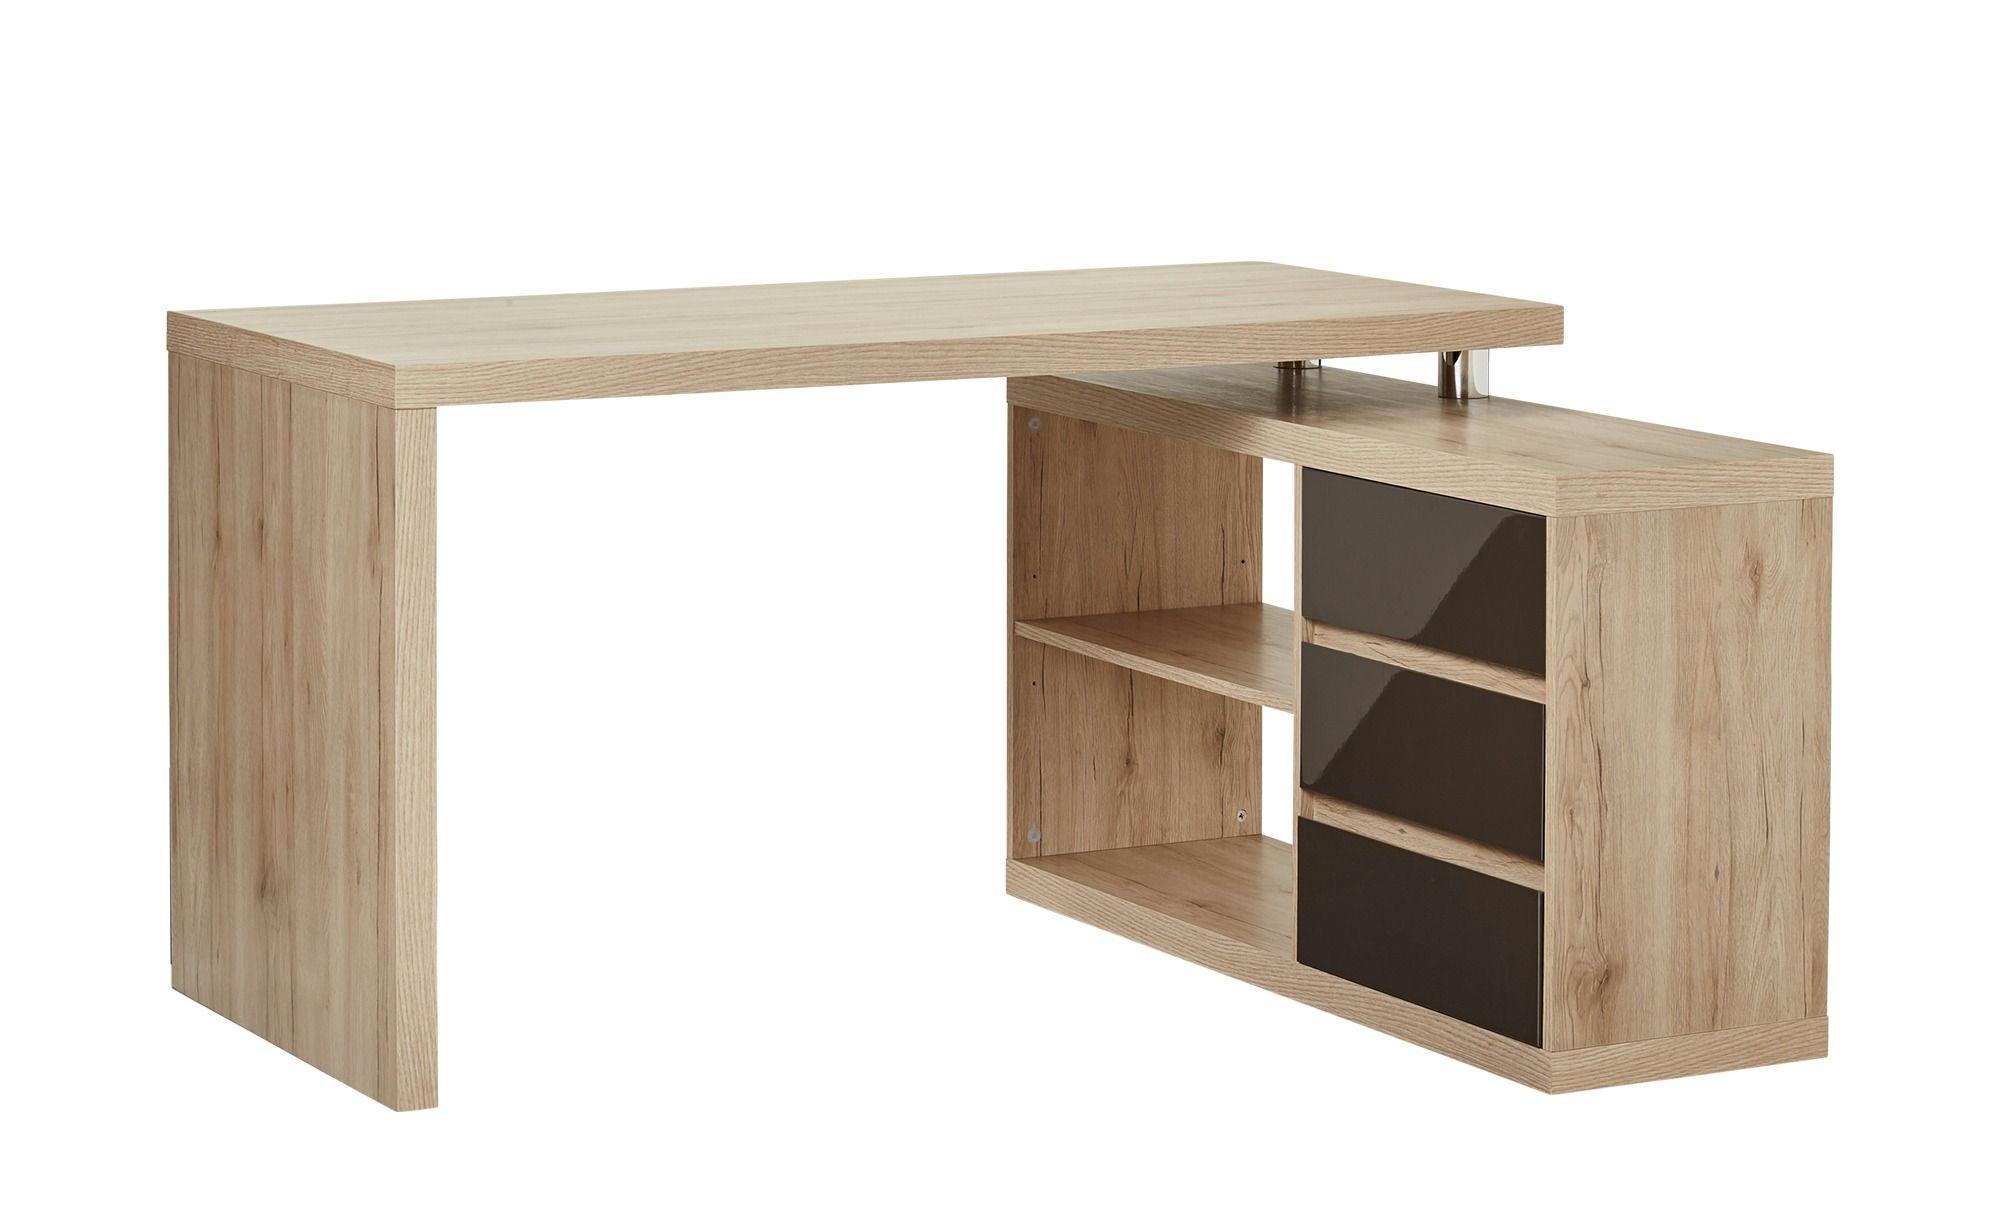 Eck Schreibtisch Mit Regal Und Schubkästen Pulsnitz Jetzt Bestellen Unter:  ...